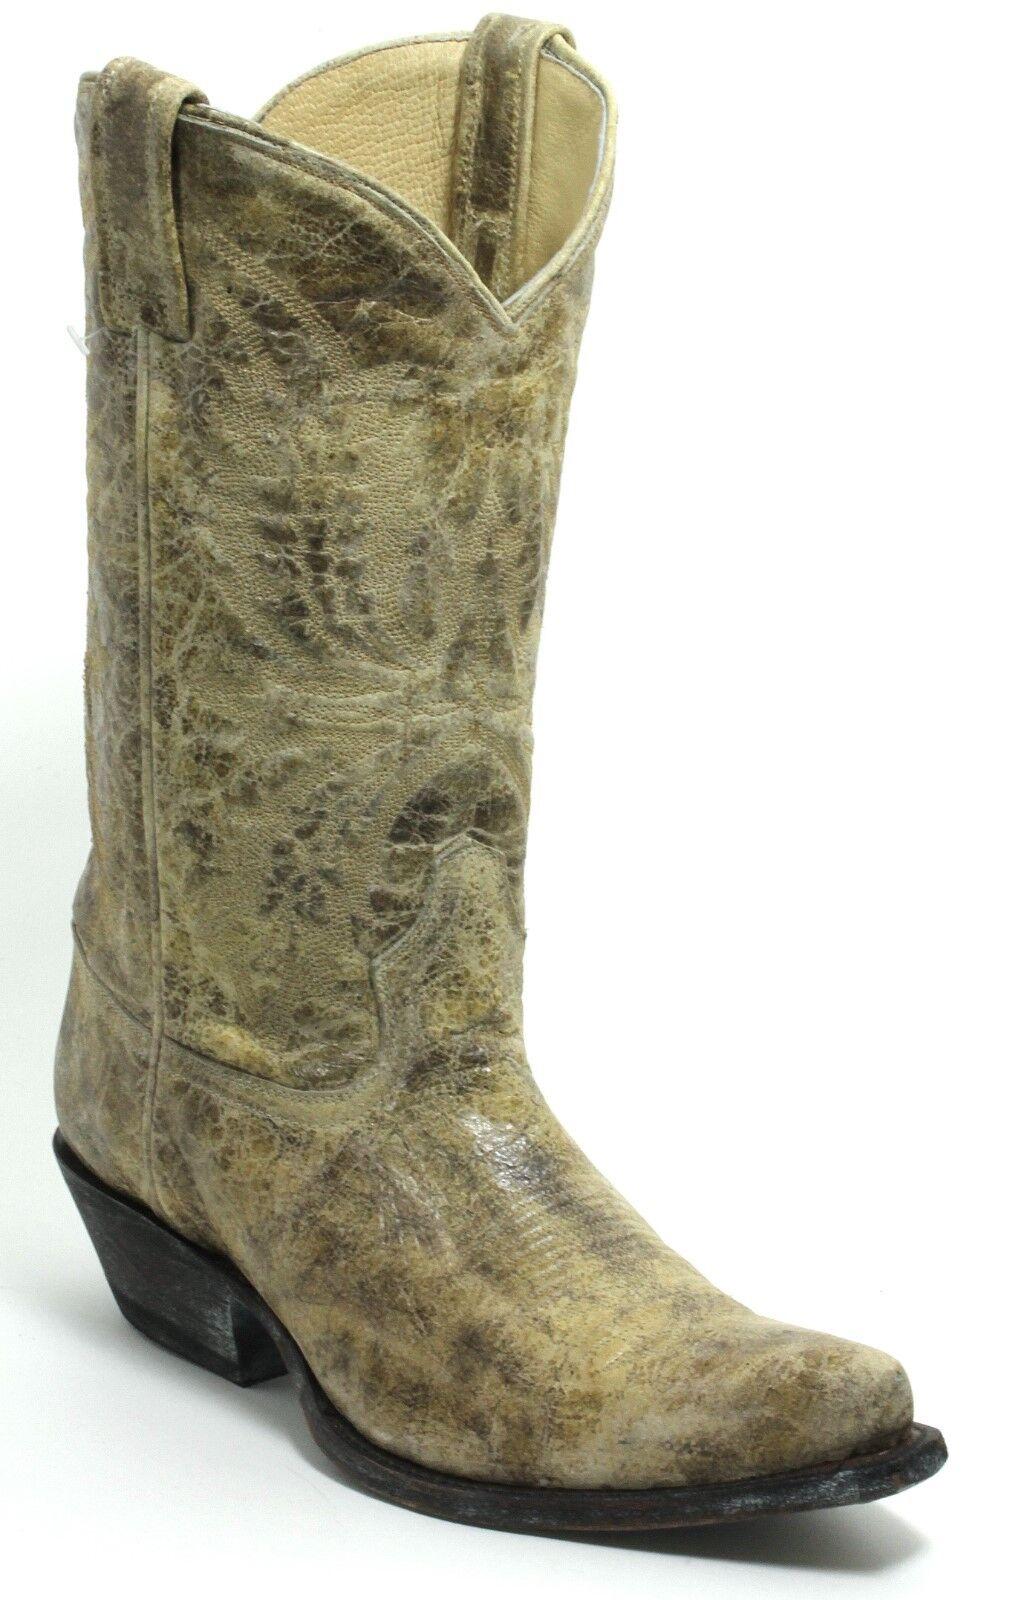 129 botas de de de vaquero Western botas botas de Texas Western cuero American Bull 39  tienda de descuento